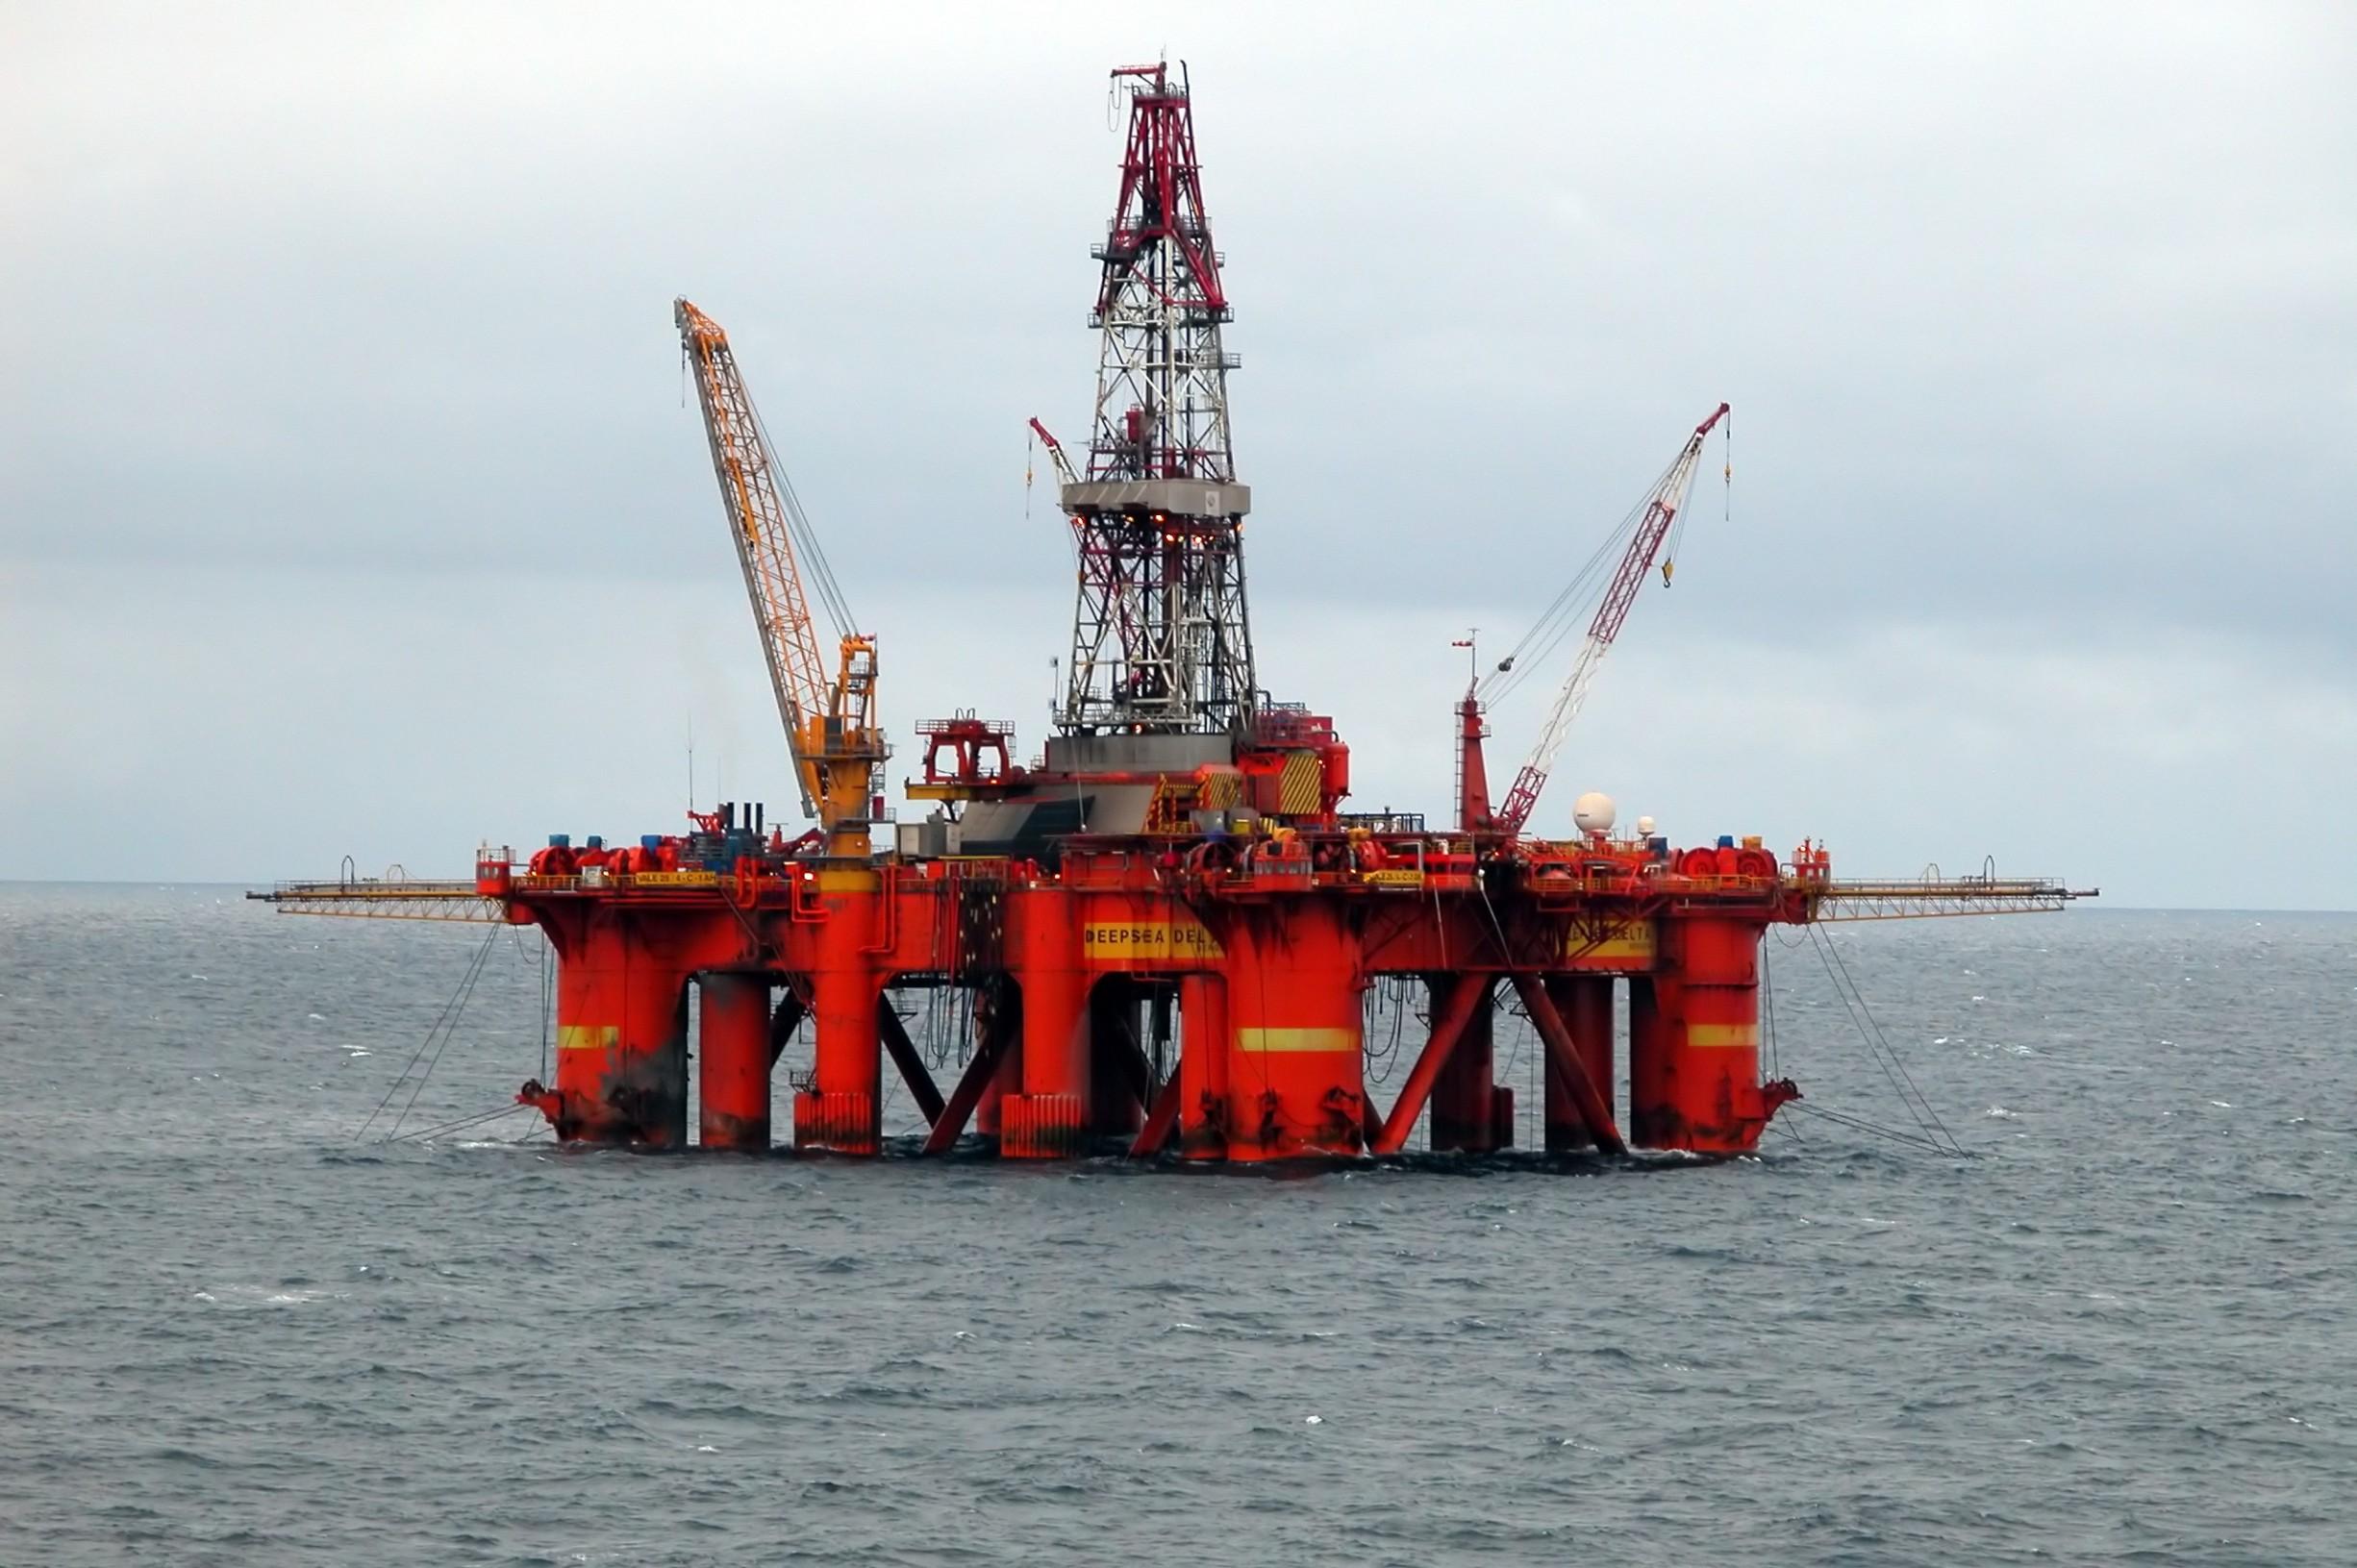 Deepsea Bergen rig